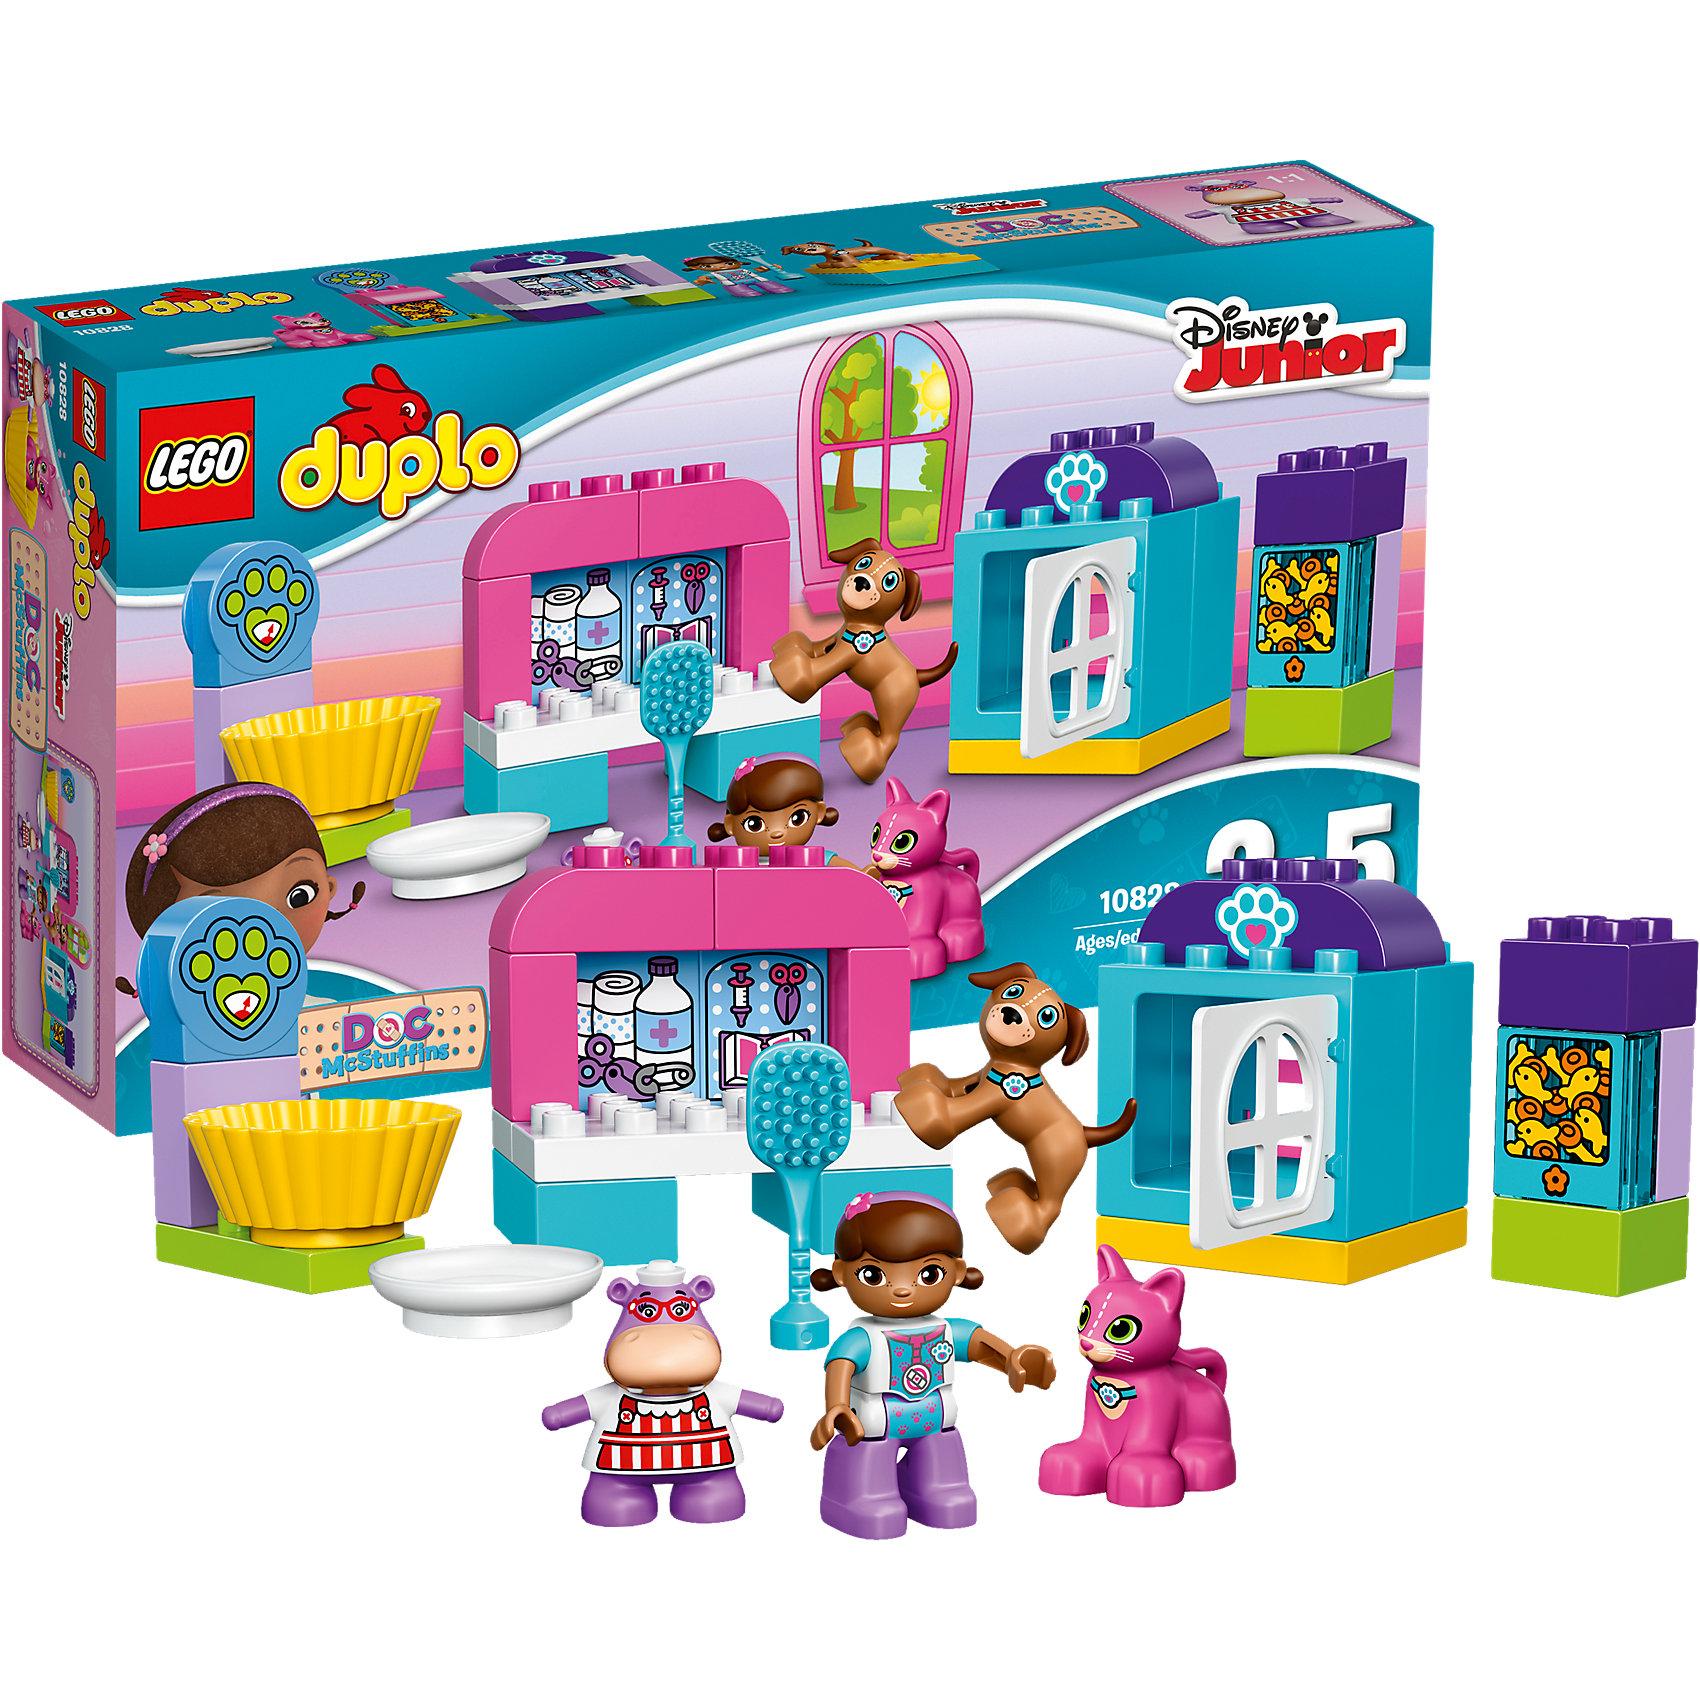 LEGO DUPLO  10828: Ветеринарная клиника доктора ПлюшевойПластмассовые конструкторы<br>Доктора Плюшеву обожает множество современных детей, поэтому набор Лего, из которого можно собрать ветеринарную клинику, обязательно обрадует ребенка. Такие игрушки помогают детям развивать воображение, мелкую моторику, логику и творческое мышление.<br>Набор состоит из множества деталей, с помощью которых можно сделать клинику для животных, а также в нем есть фигурки любимых персонажей! С таким комплектом можно придумать множество игр!<br><br>Дополнительная информация:<br><br>цвет: разноцветный;<br>размер коробки: 38 x 20 x 7 см;<br>вес: 500 г;<br>материал: пластик;<br>количество деталей: 30.<br><br>Набор Ветеринарная клиника доктора Плюшевой от бренда LEGO DUPLO можно купить в нашем магазине.<br><br>Ширина мм: 356<br>Глубина мм: 190<br>Высота мм: 71<br>Вес г: 417<br>Возраст от месяцев: 24<br>Возраст до месяцев: 60<br>Пол: Женский<br>Возраст: Детский<br>SKU: 4641194